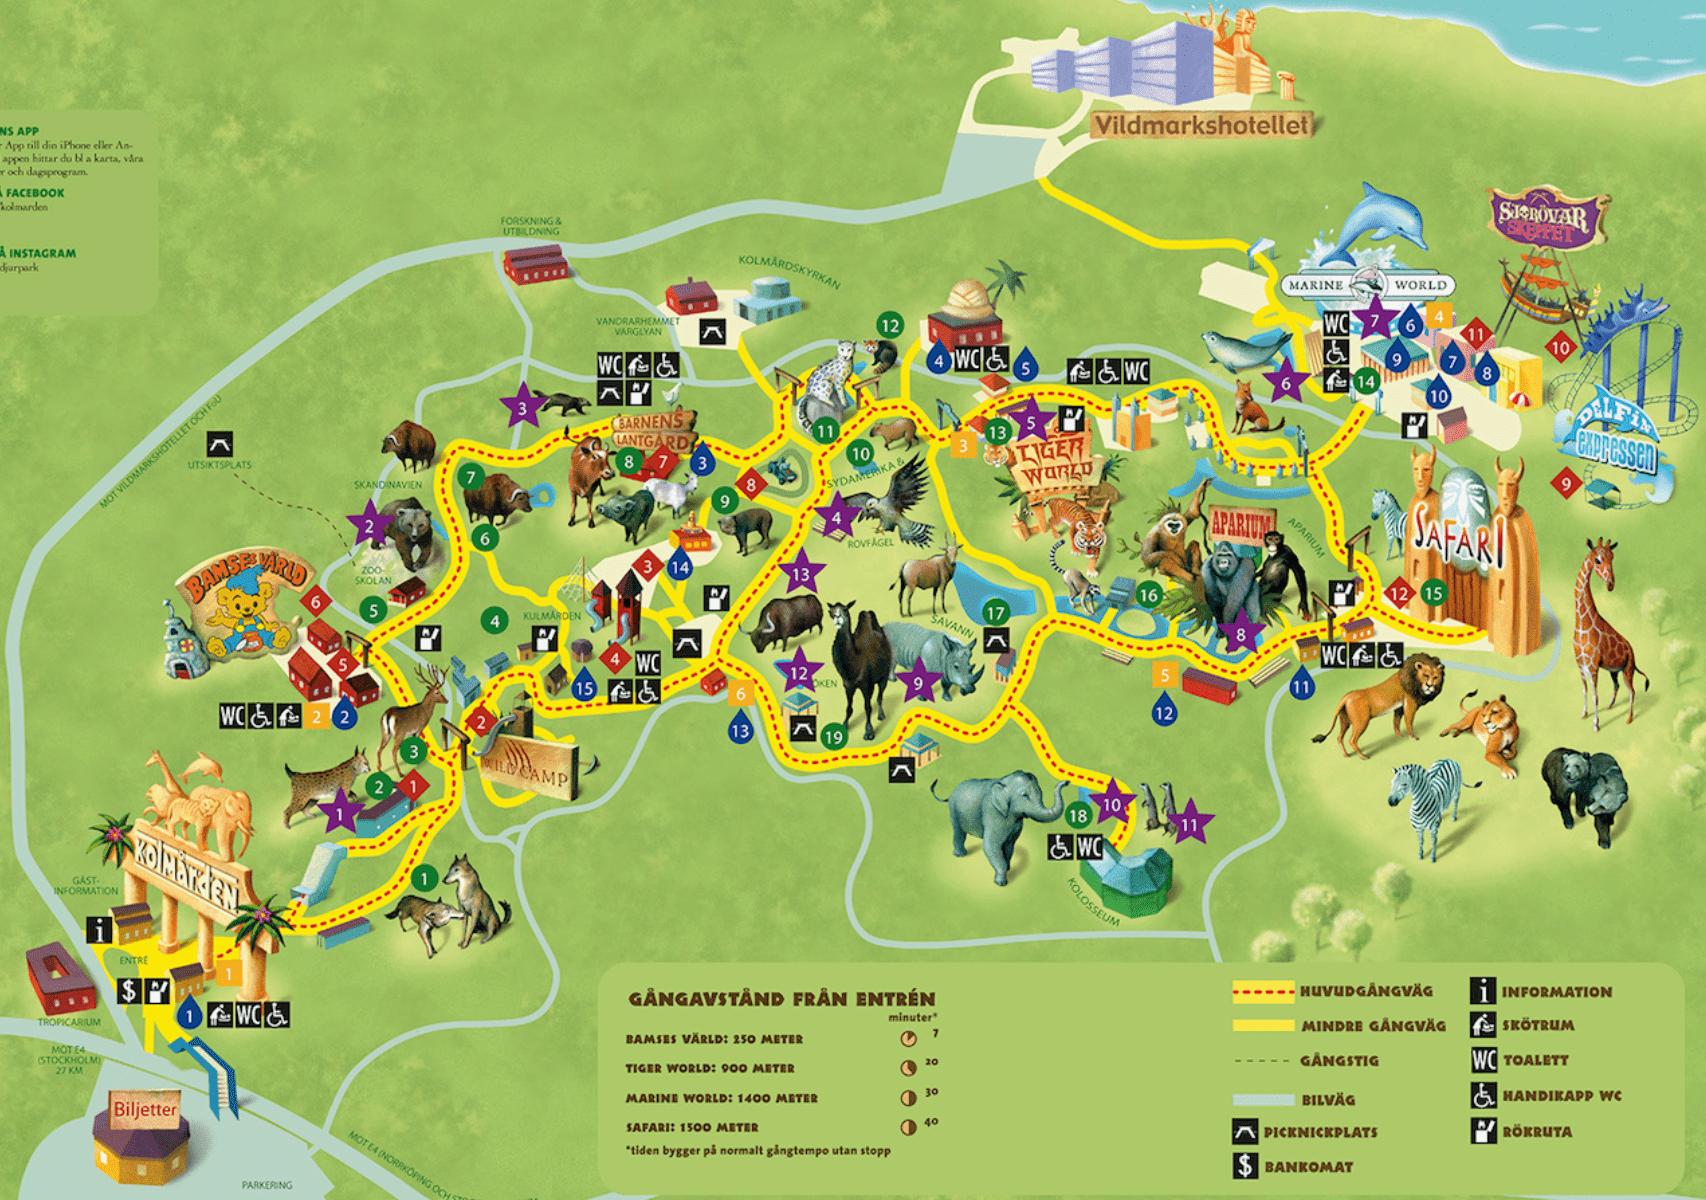 kolmården djurpark karta-min